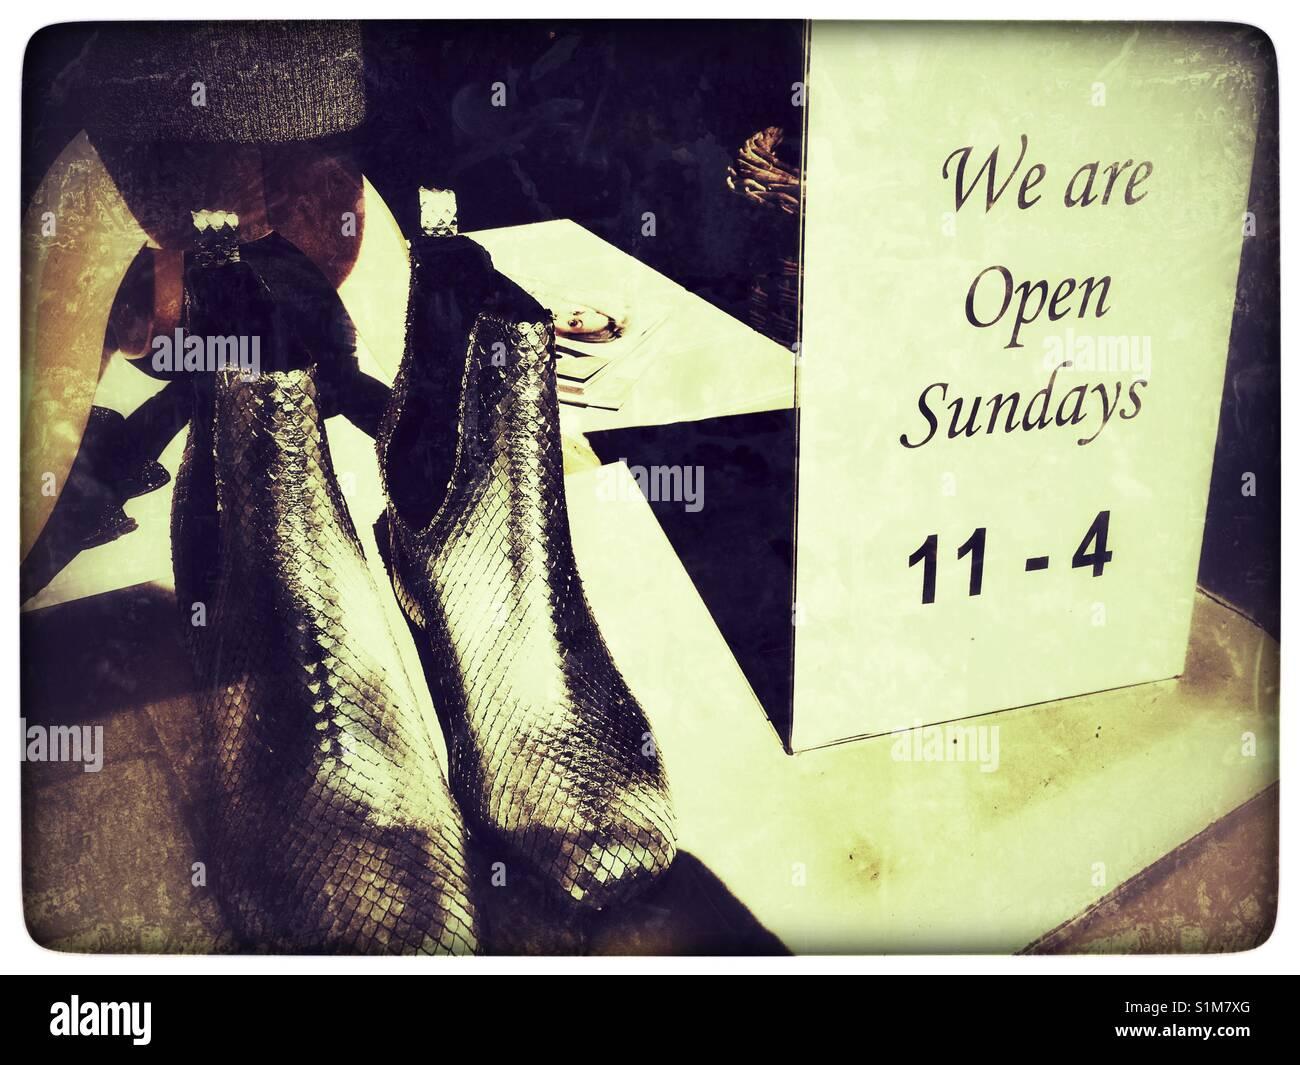 We are open Sundays - Stock Image